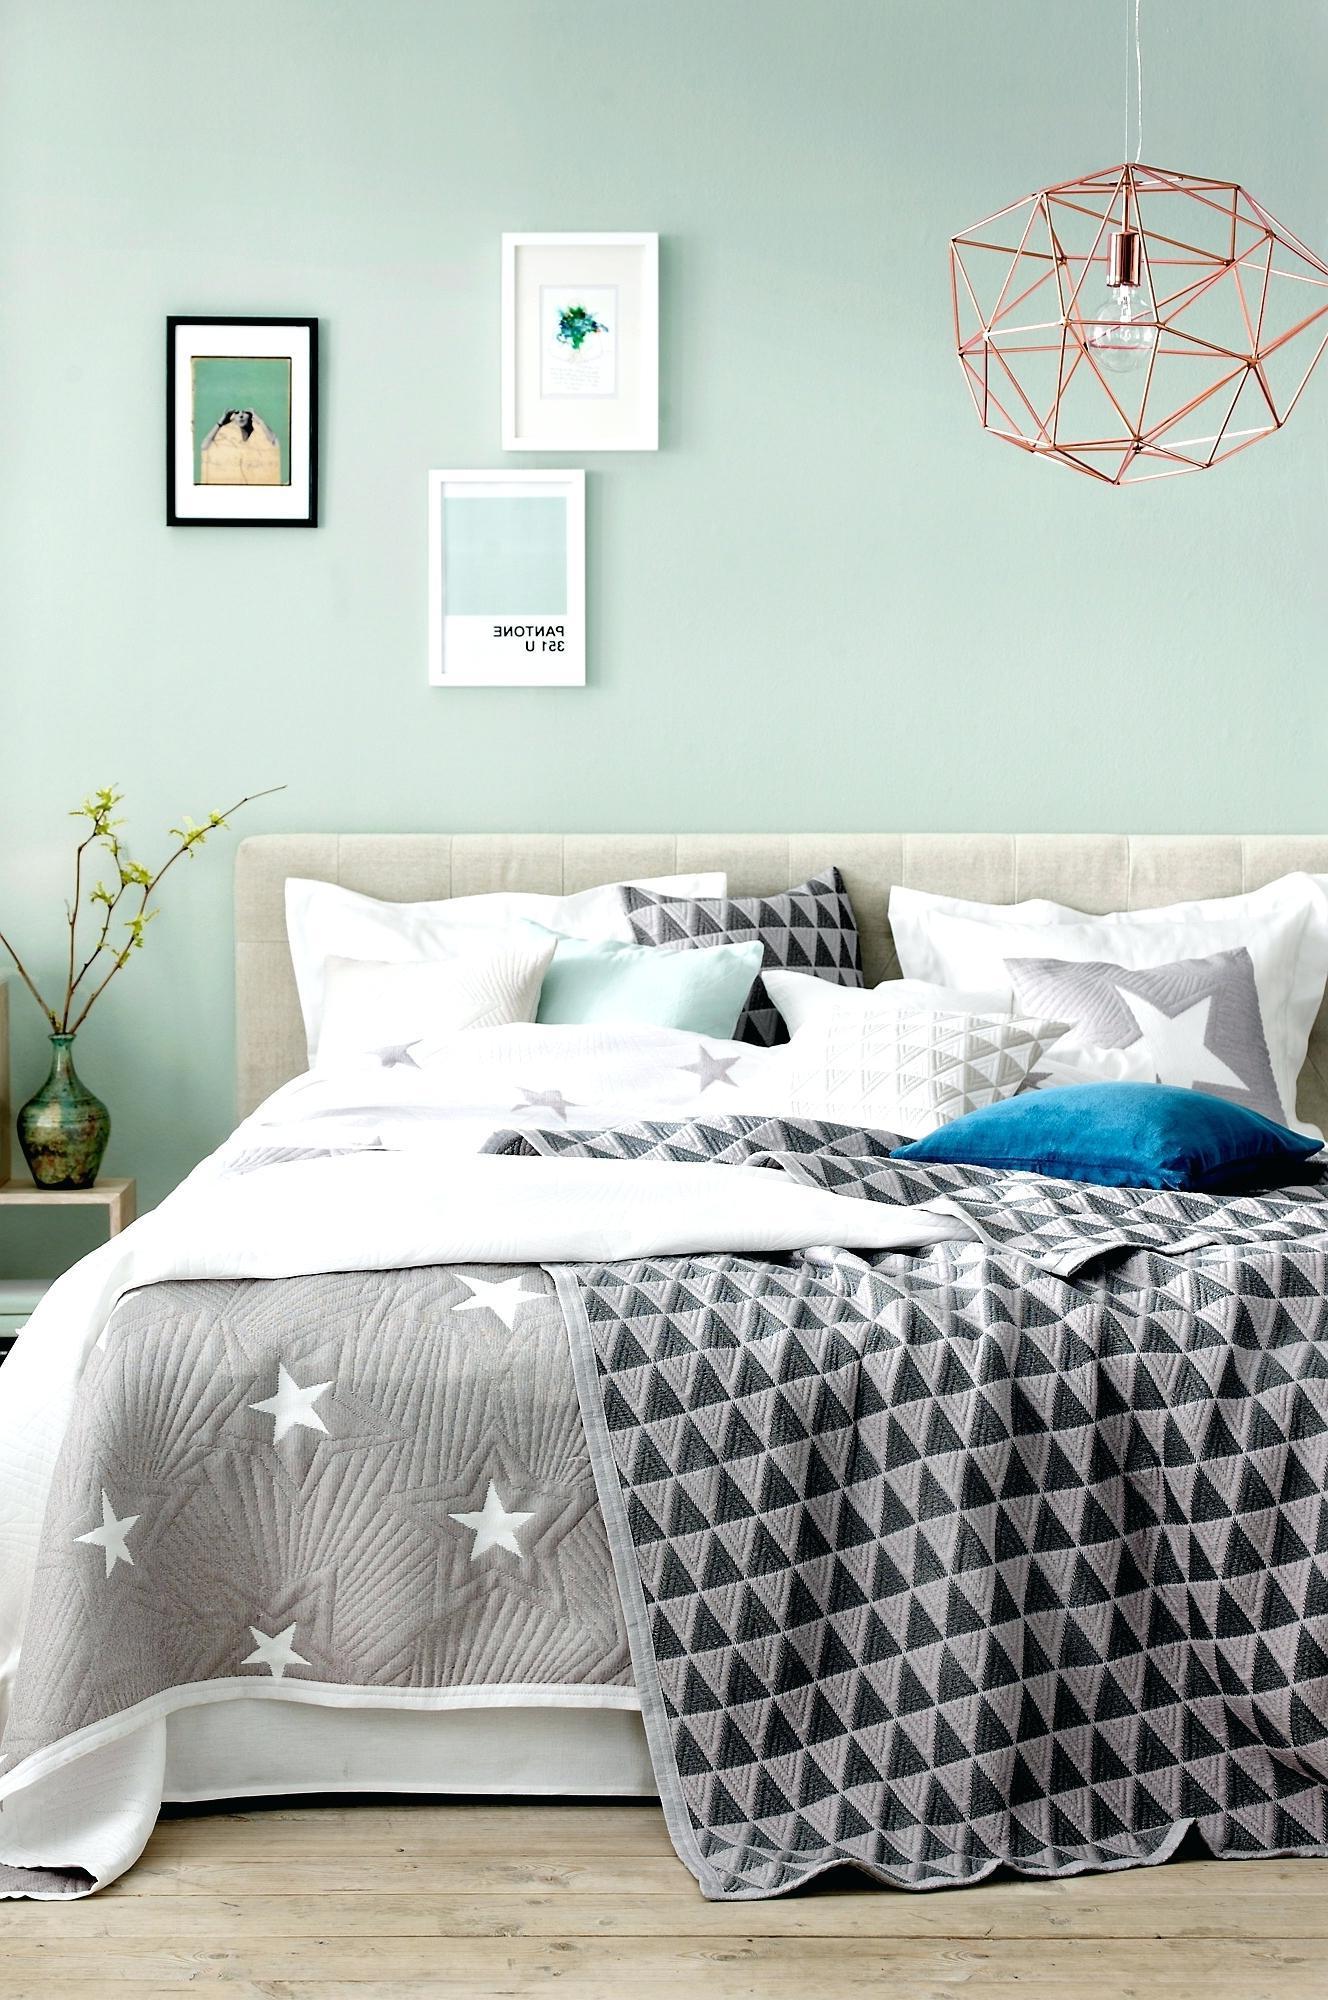 Farbgestaltung: Die Farbe als Herz des Schlafzimmers